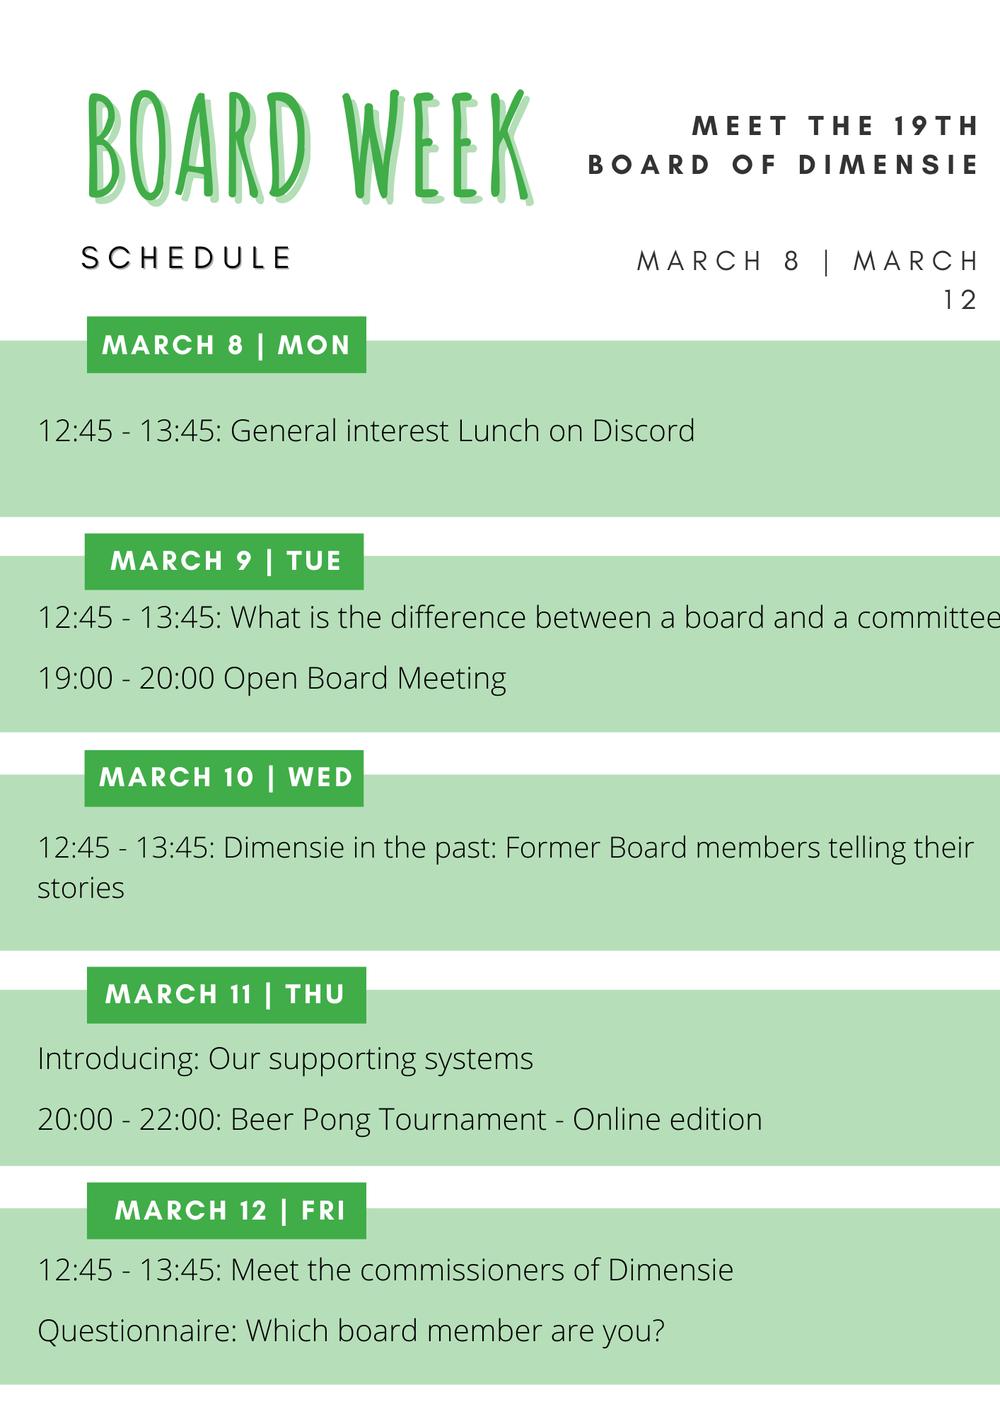 Borad_Week_Schedule.png